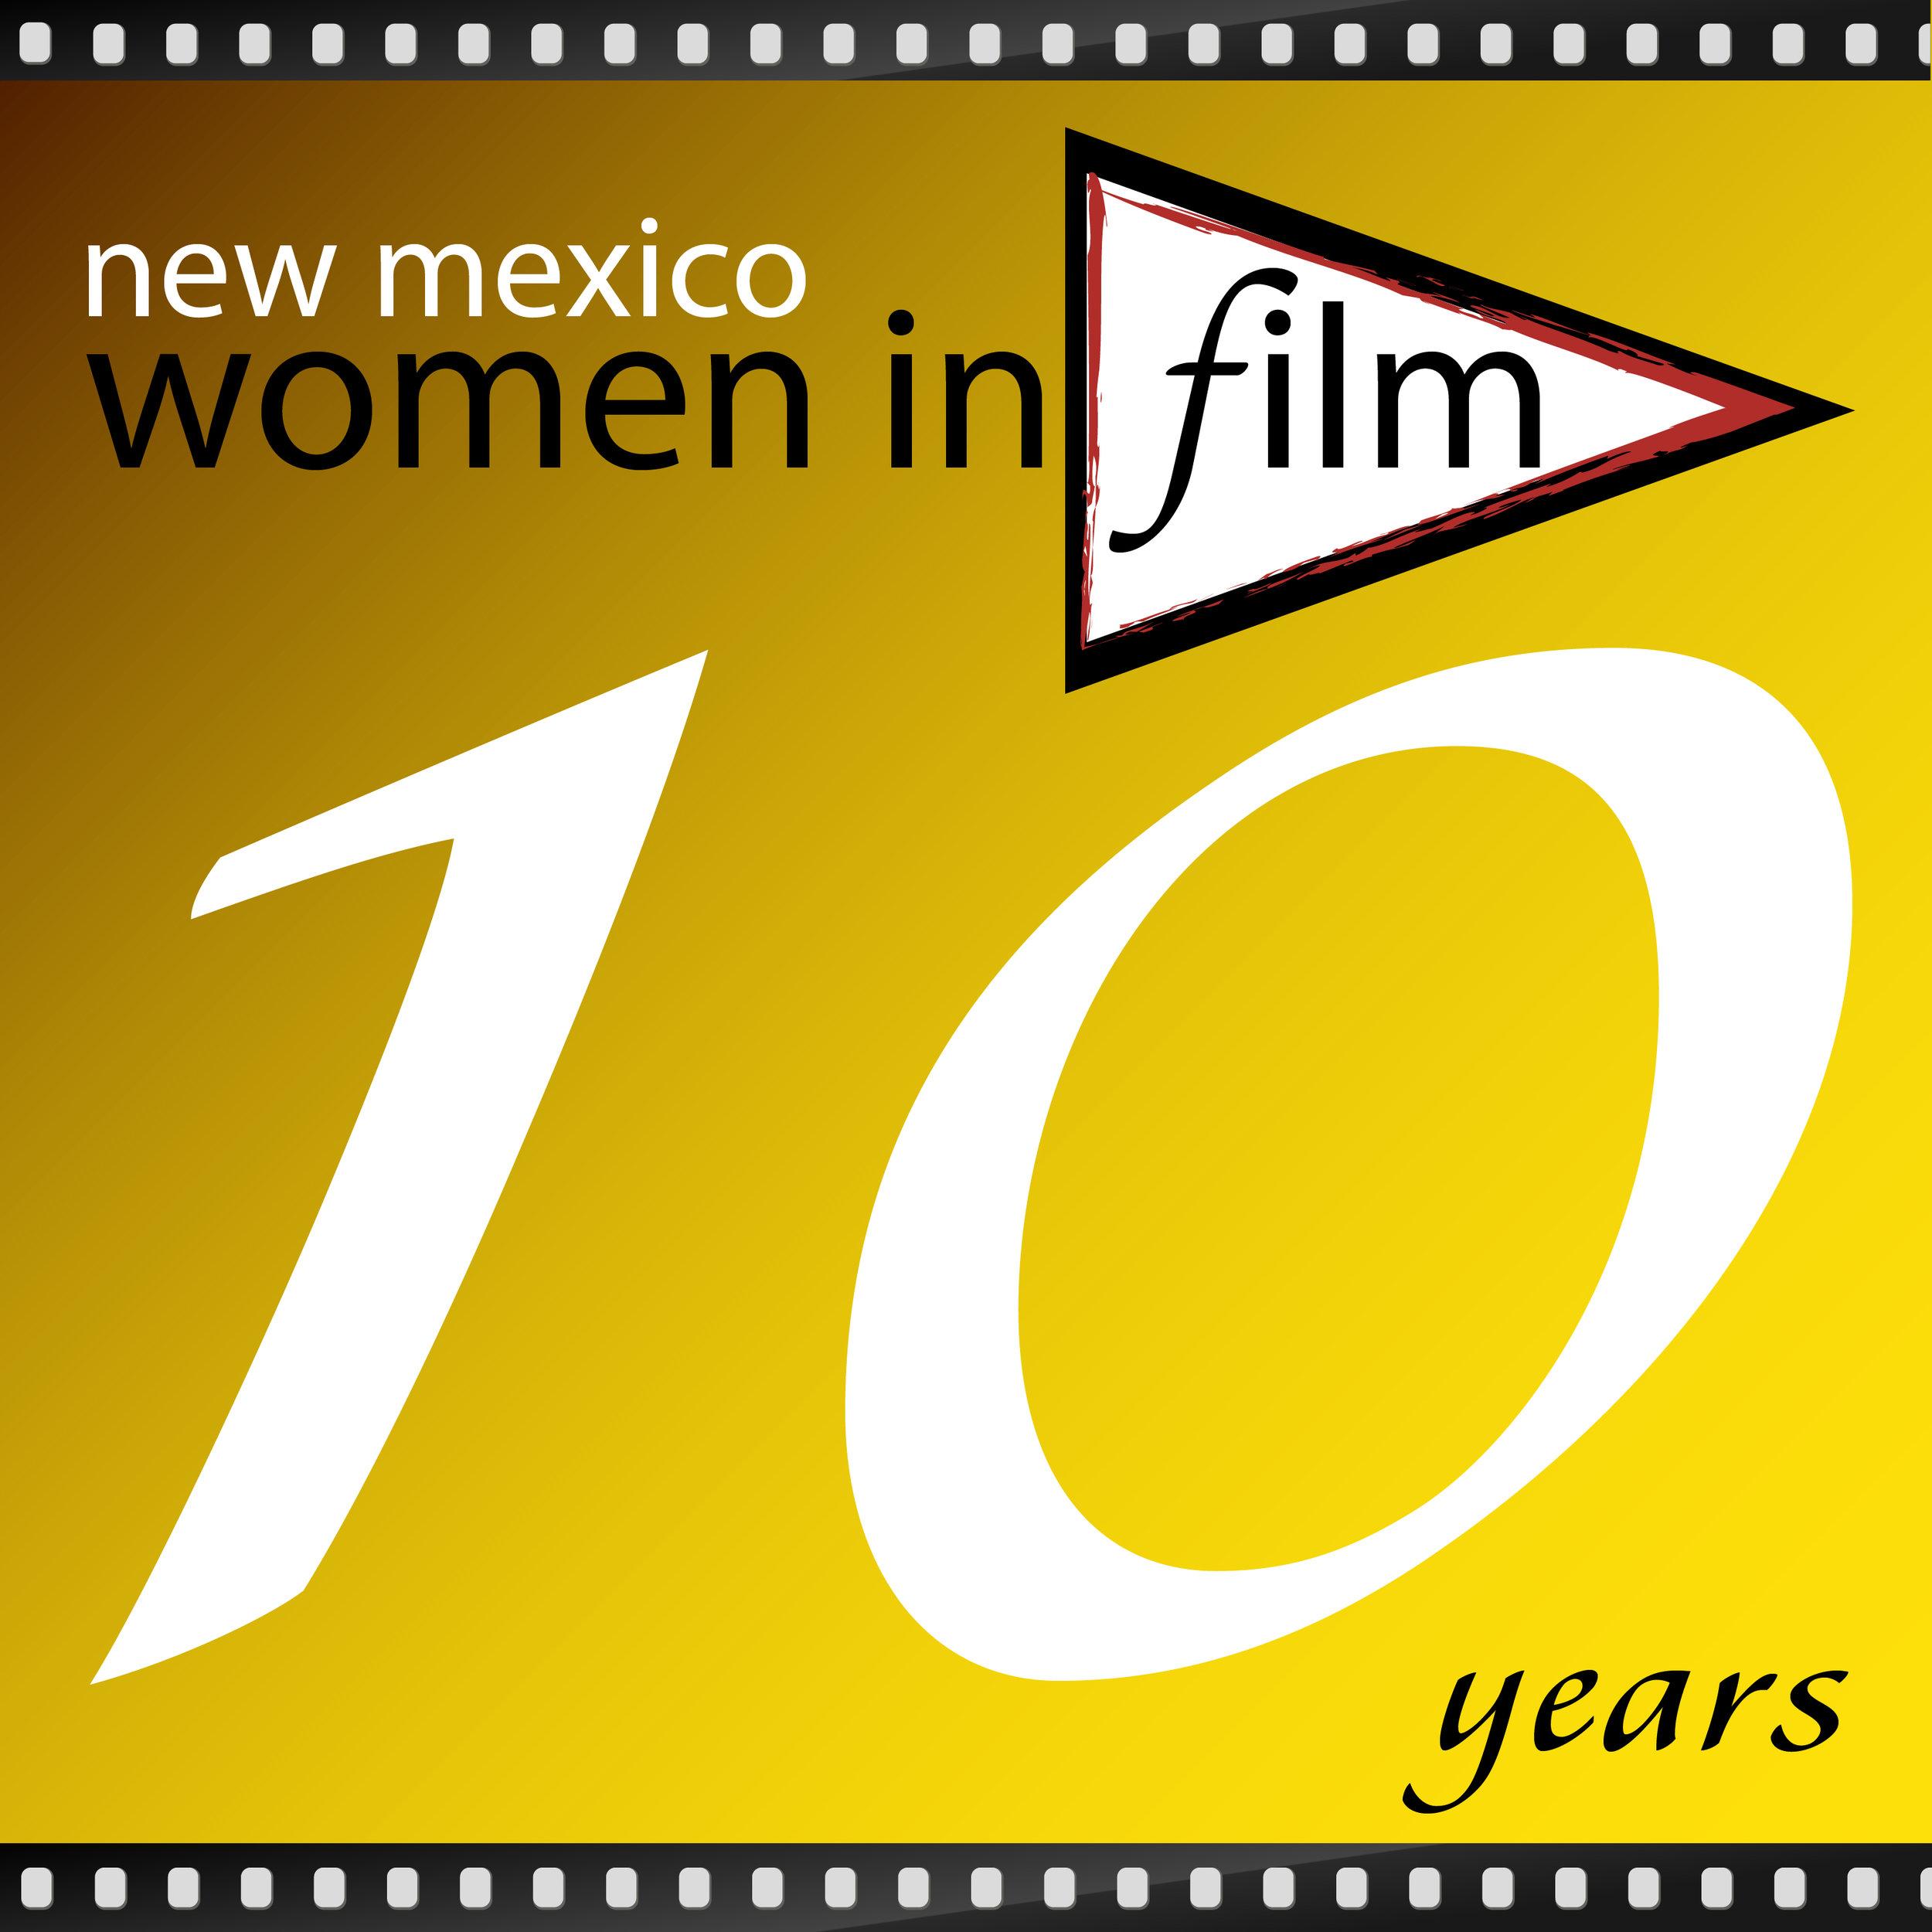 nmwif logo-10 YR_123114-02.jpg